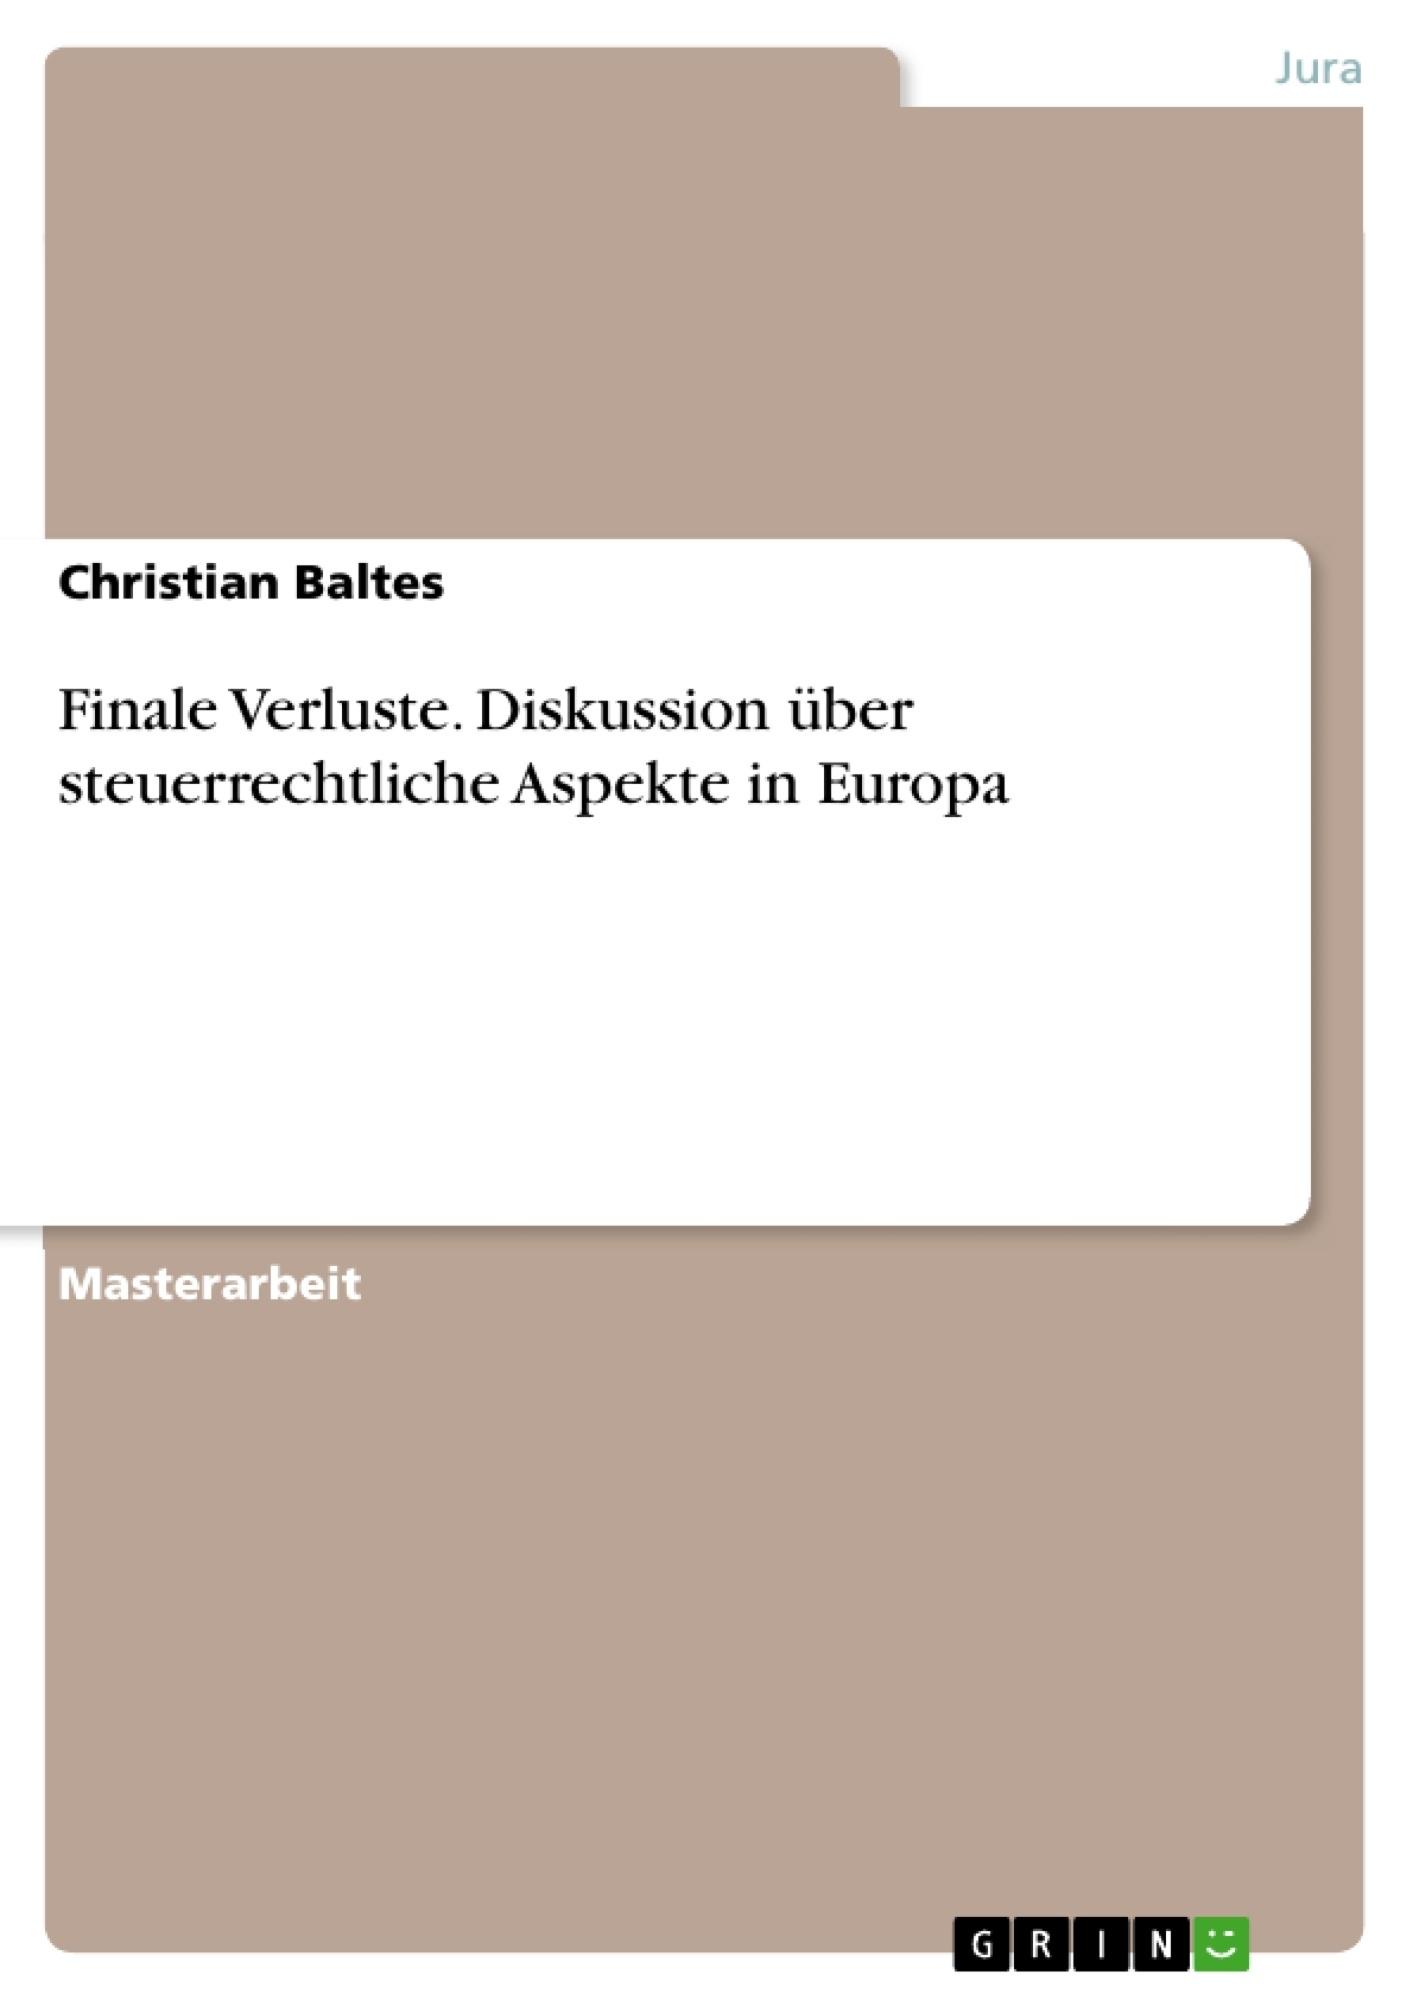 Titel: Finale Verluste. Diskussion über steuerrechtliche Aspekte in Europa